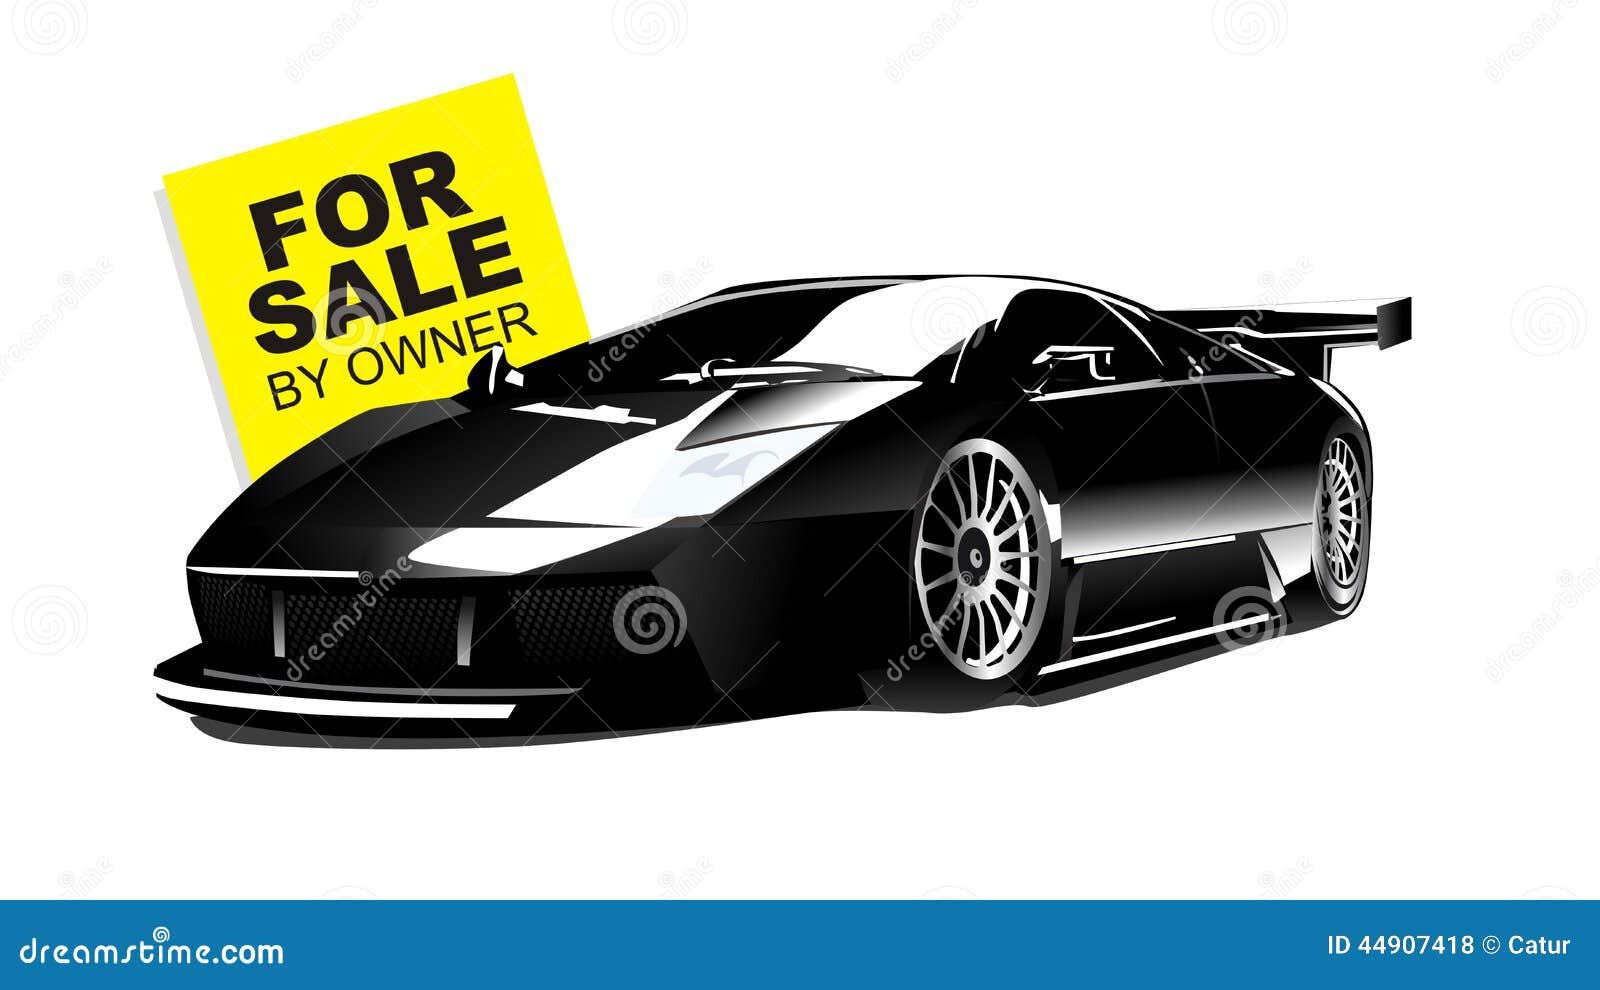 Lamborghini Ilustraciones Stock, Vectores, Y Clipart – (117 ...